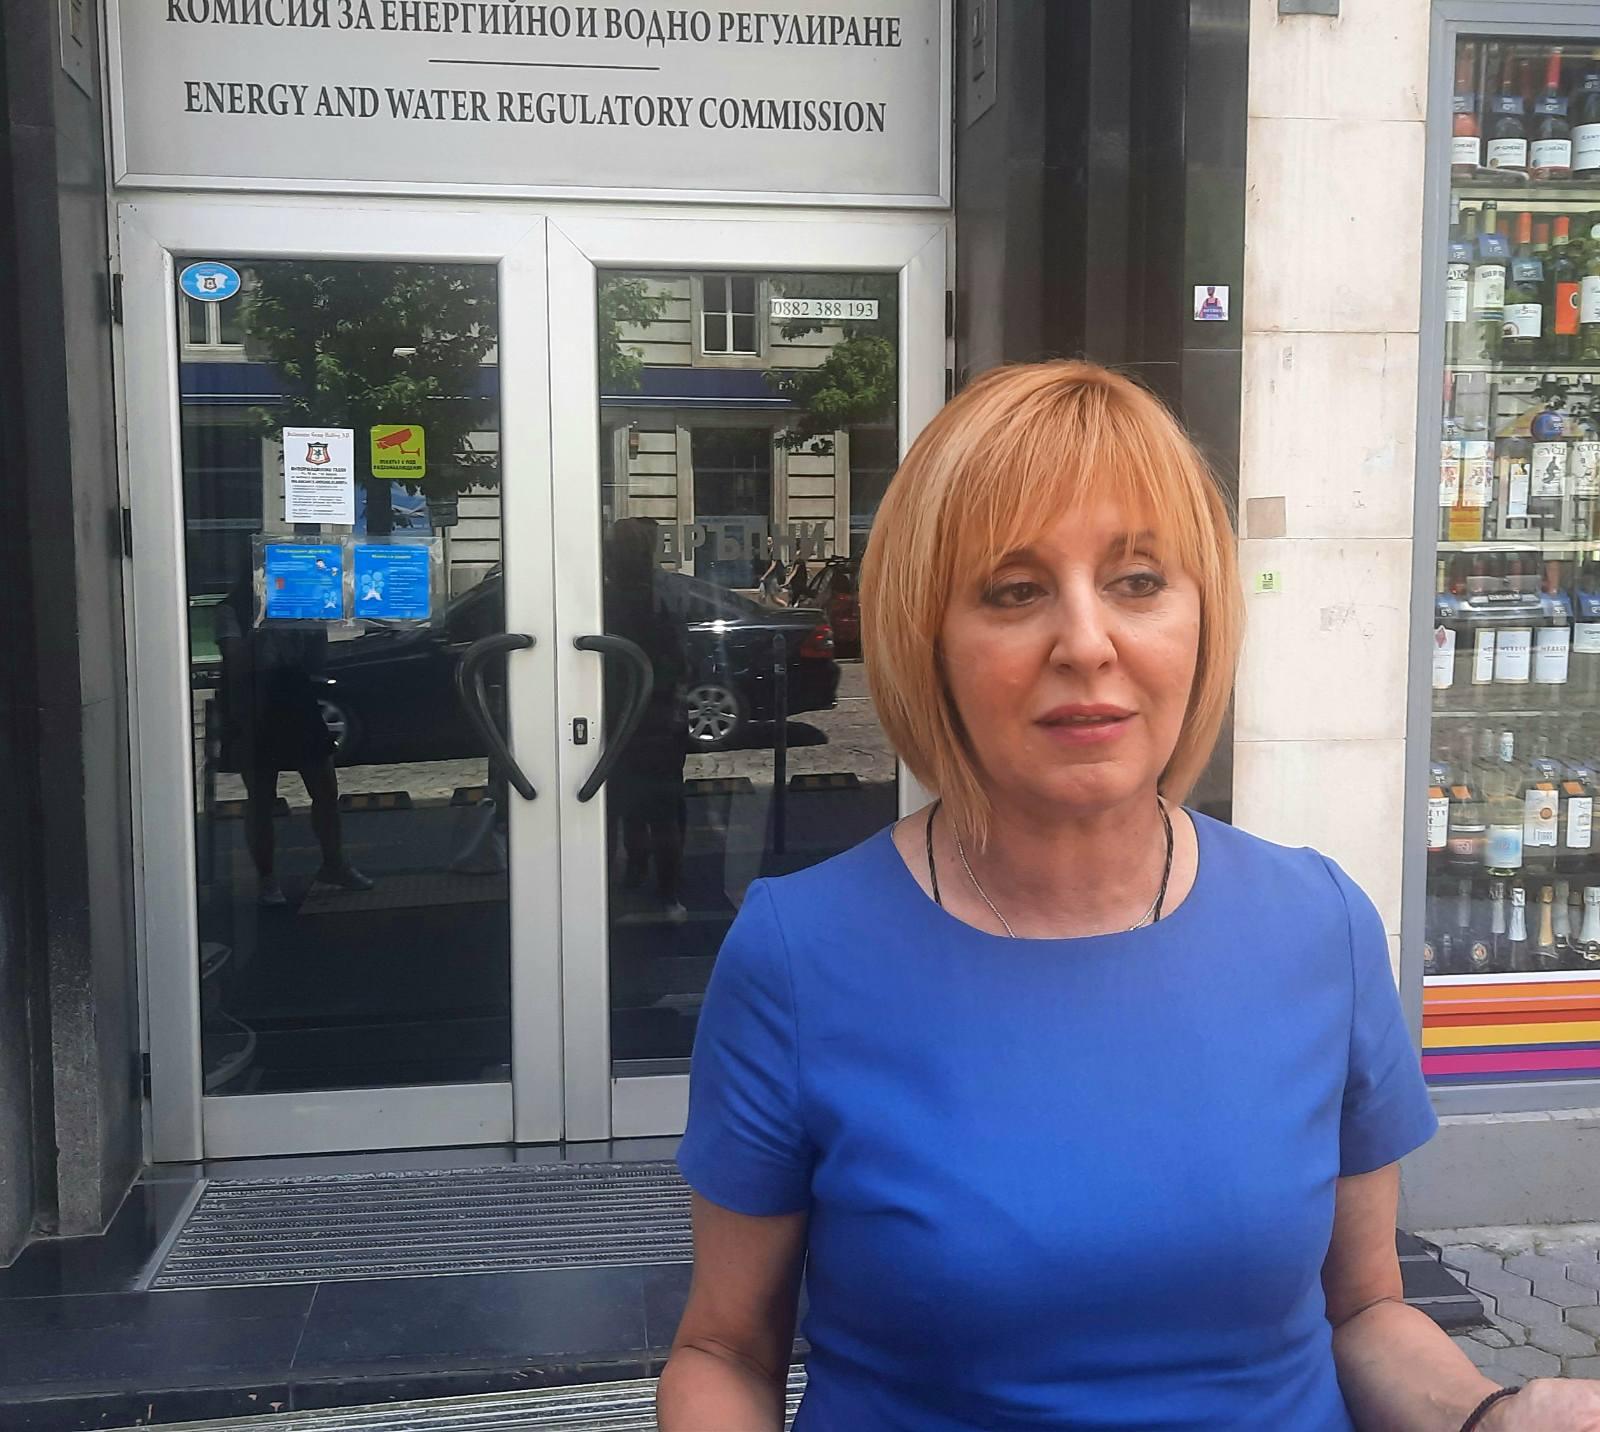 Манолова: КЕВР да подаде оставка заради увеличението на цените на тока и парното